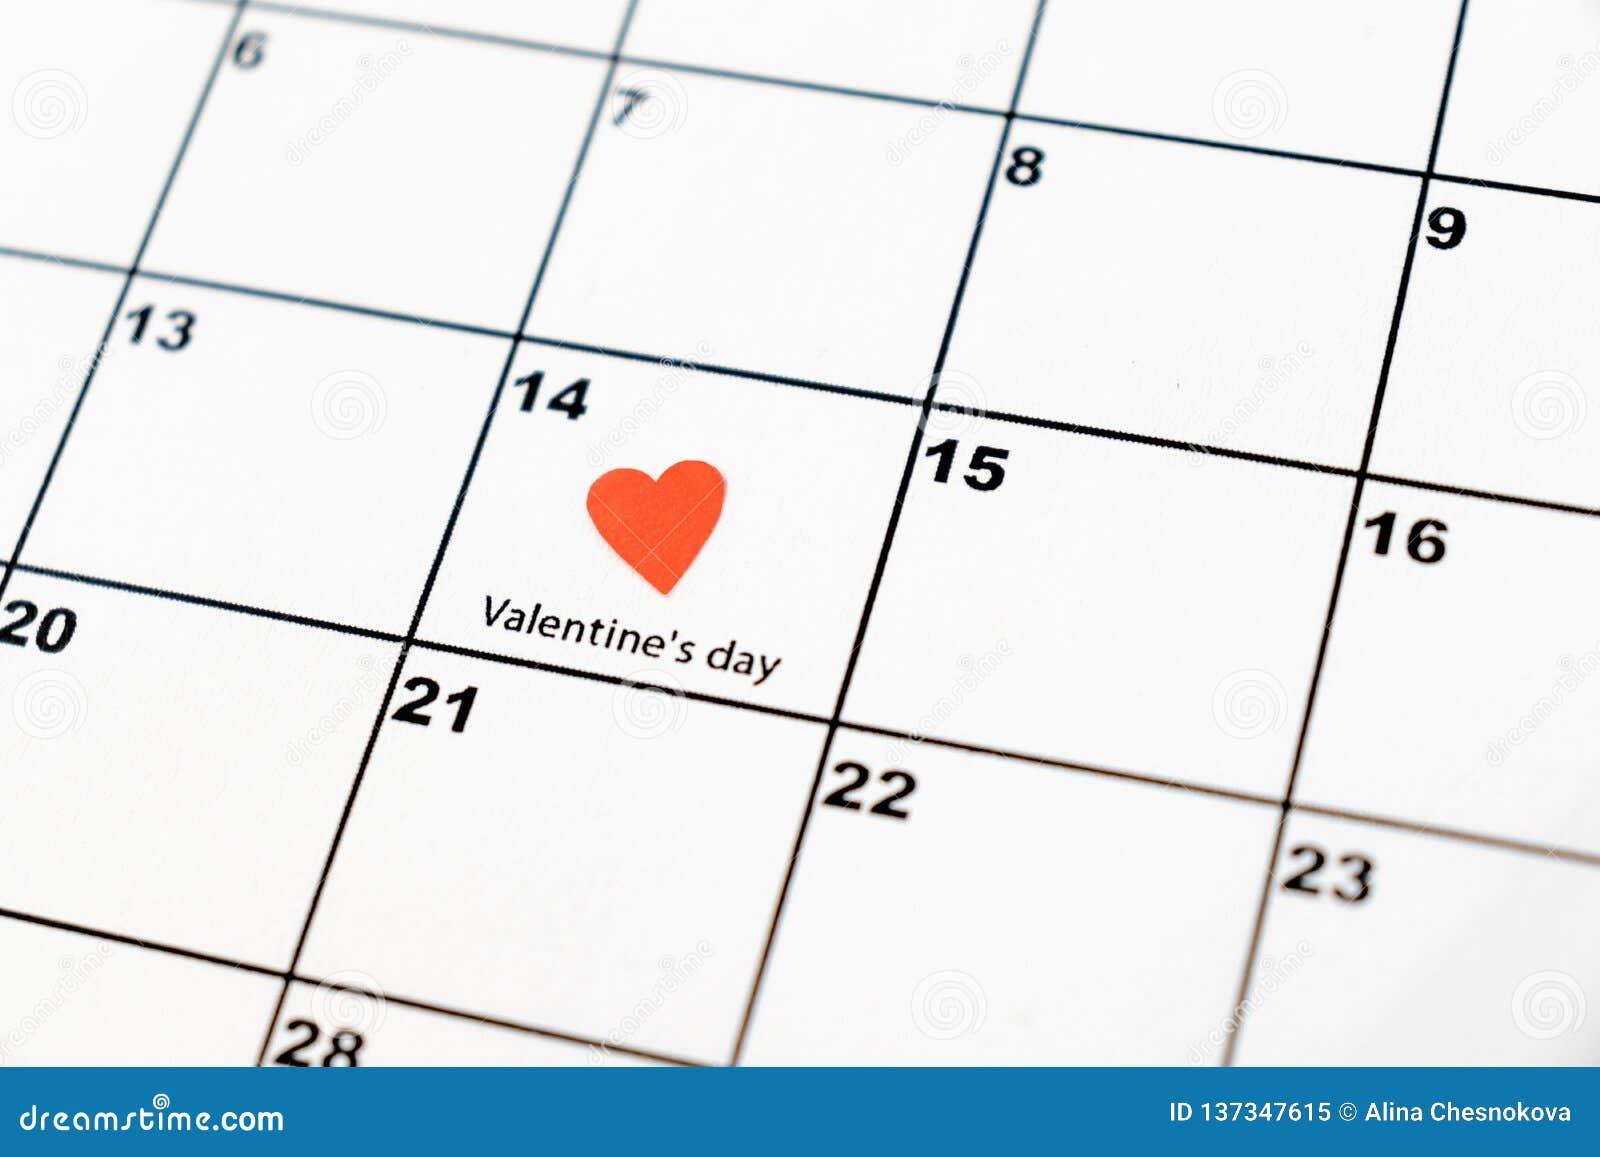 情人节,在日历的2月14日与红心